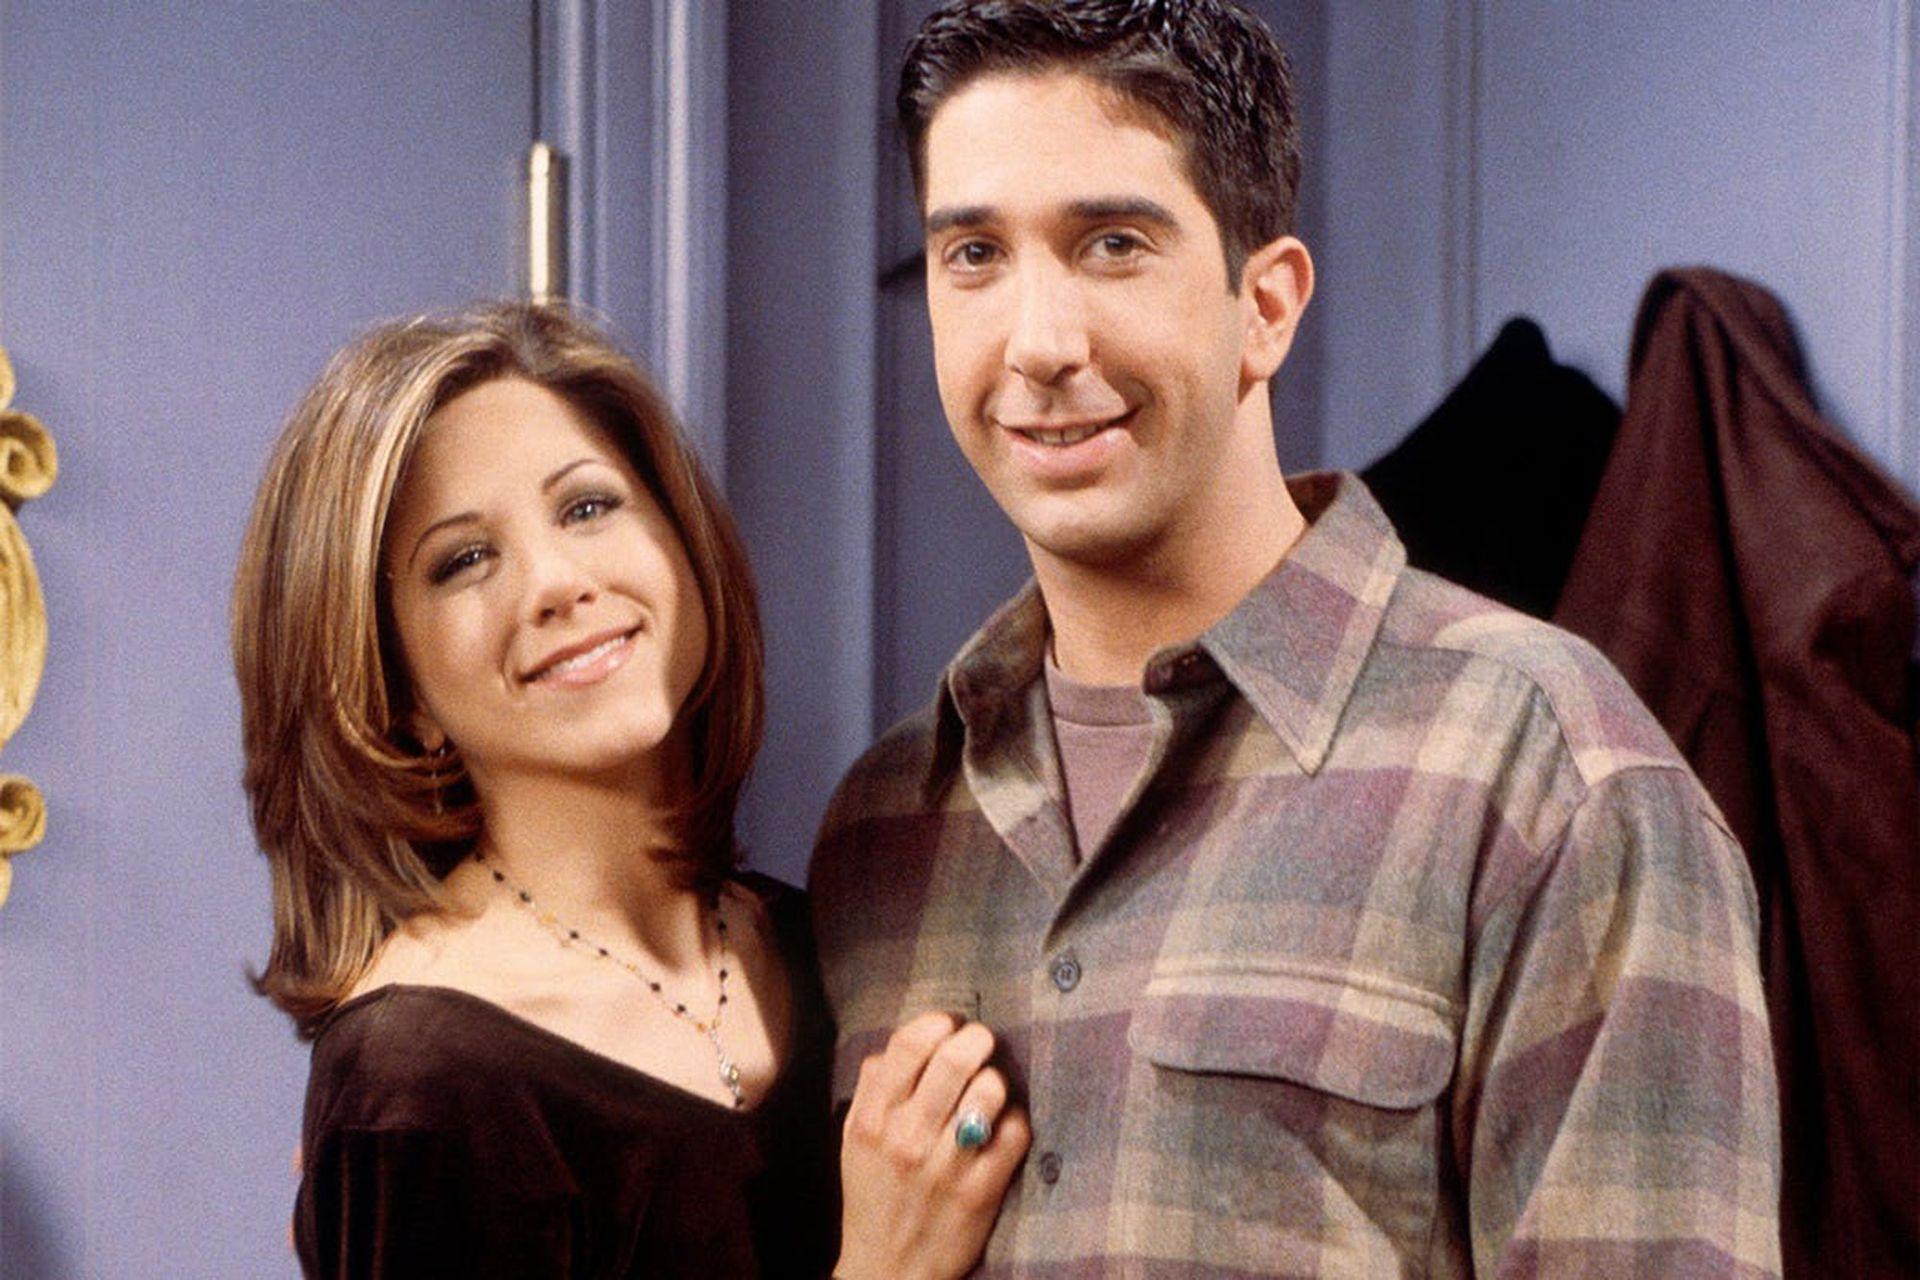 La historia de amor entre Rachel y Ross cautivó a los seguidores temporada tras temporada